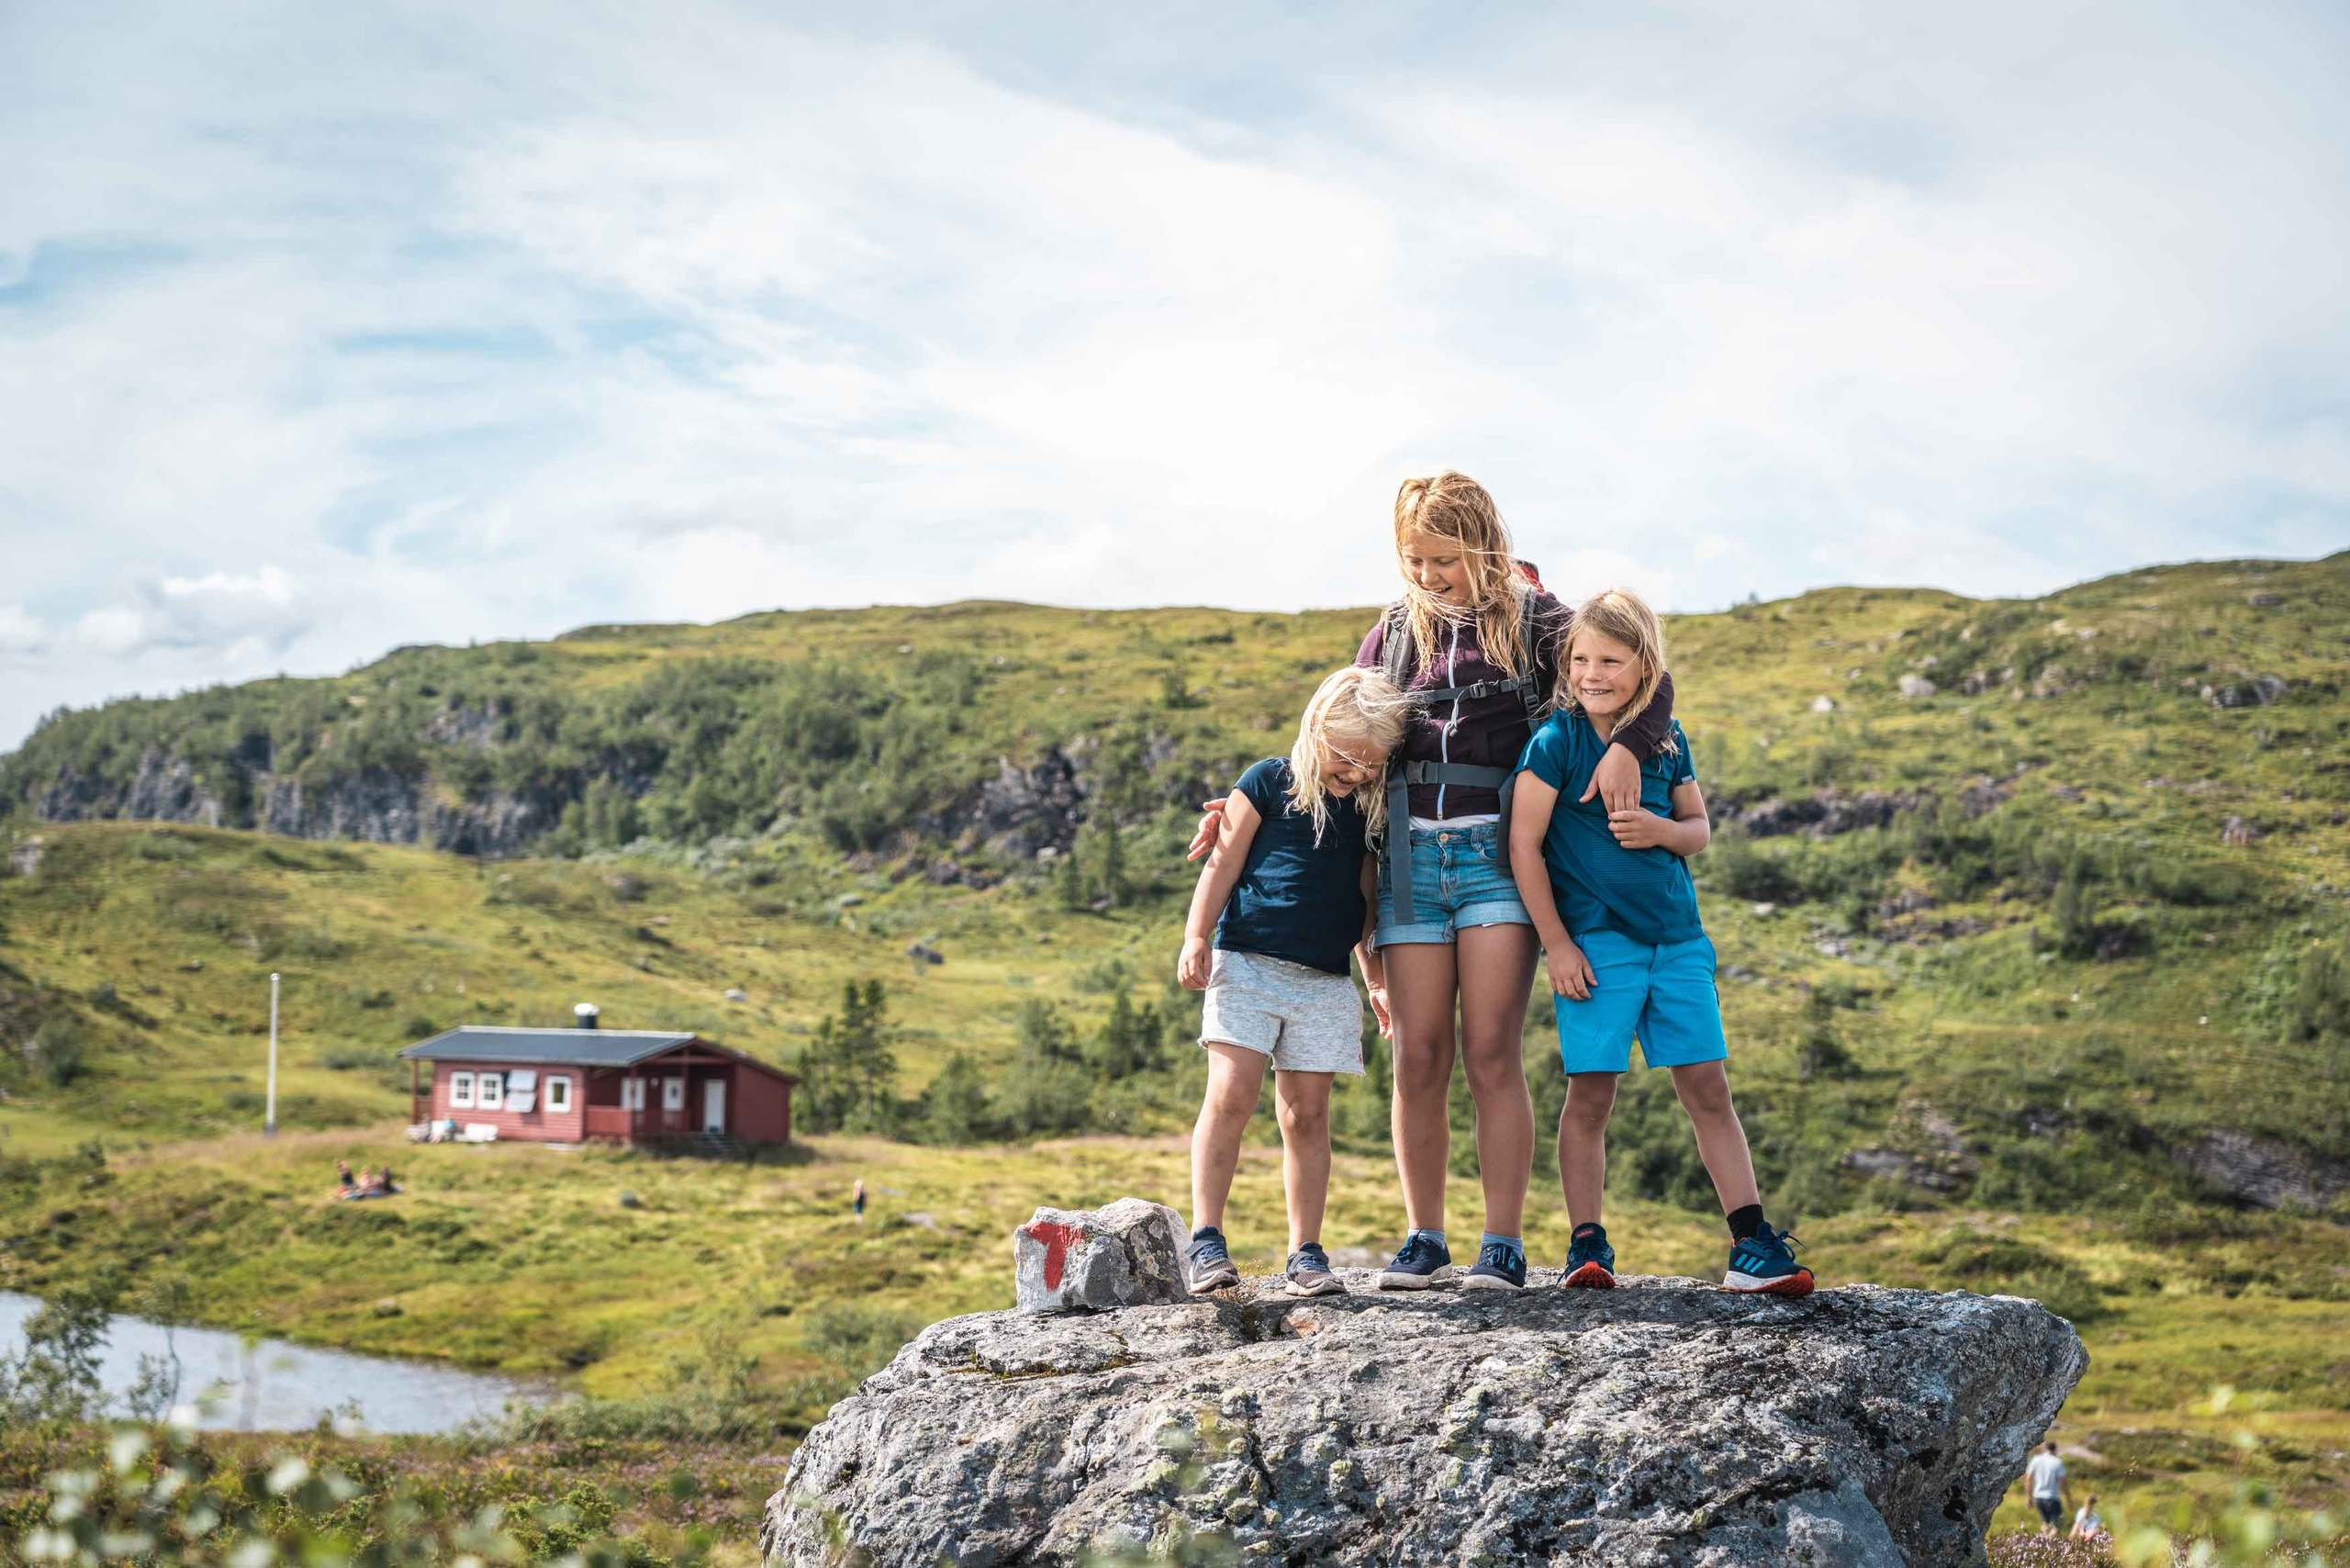 Røde Kors hytta er eit flott turmål. Her er det og mulegheit til å ta seg eit bad i Valbergstjørni! Foto: Jon Hunnålvatn Tøn